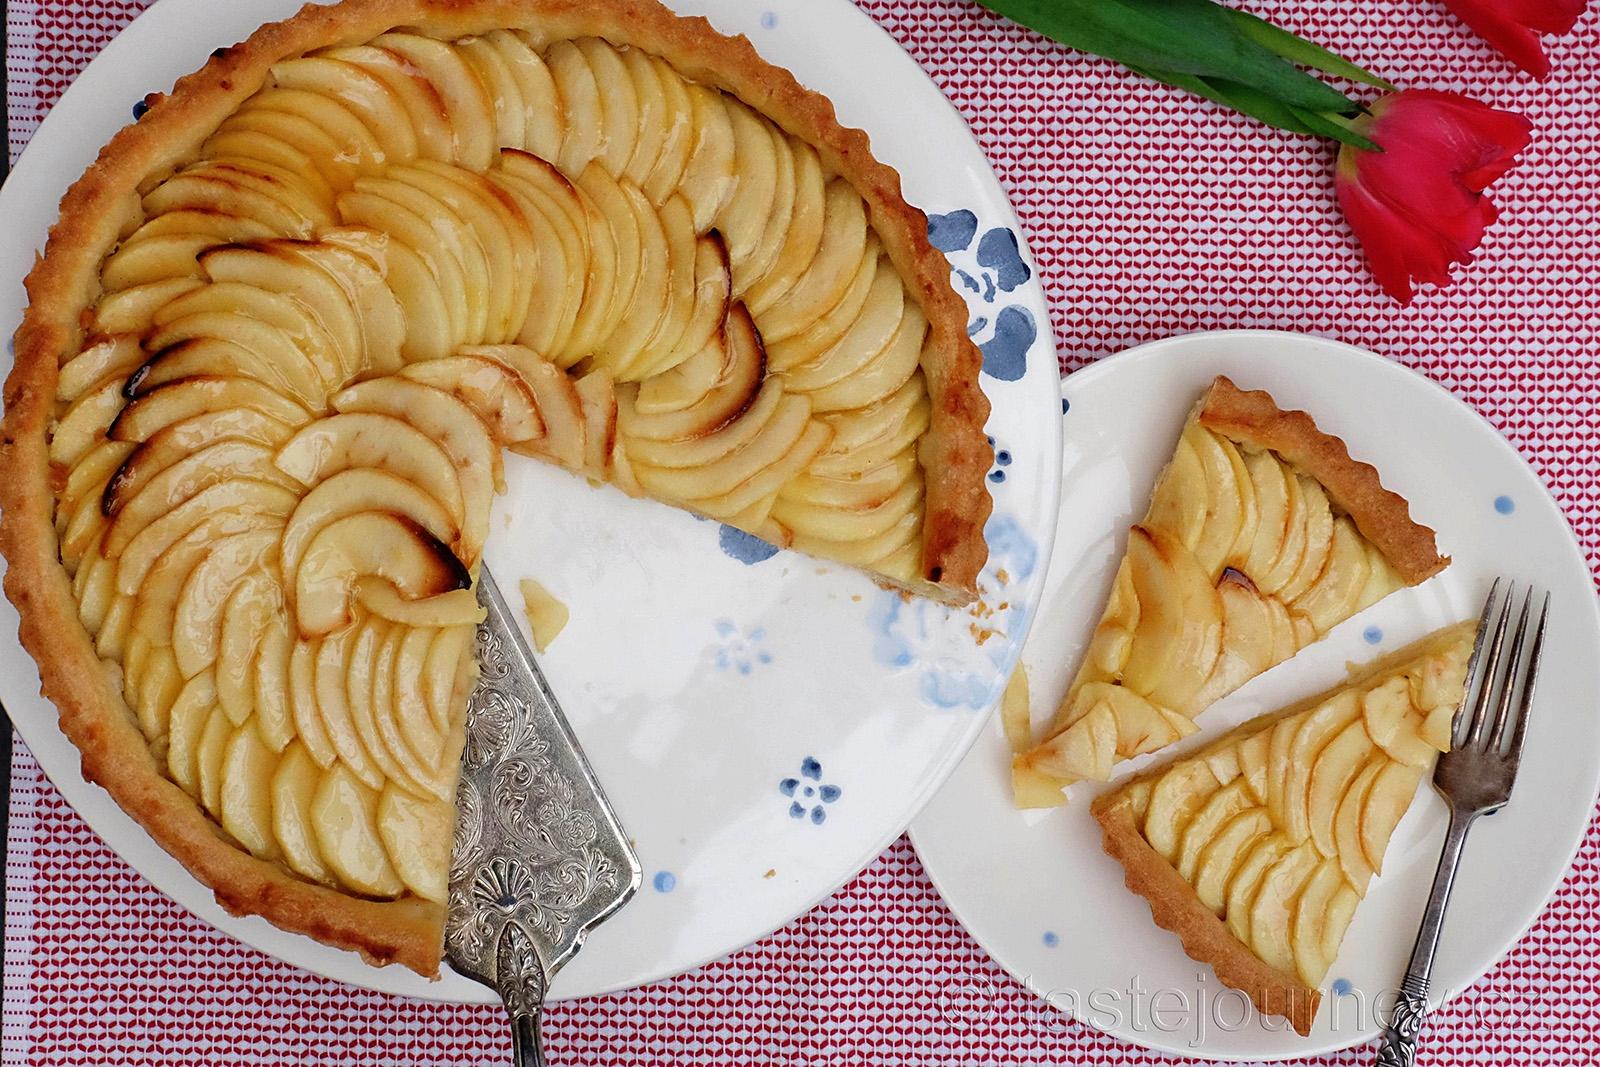 Klasický francouzský tarte aux pommes